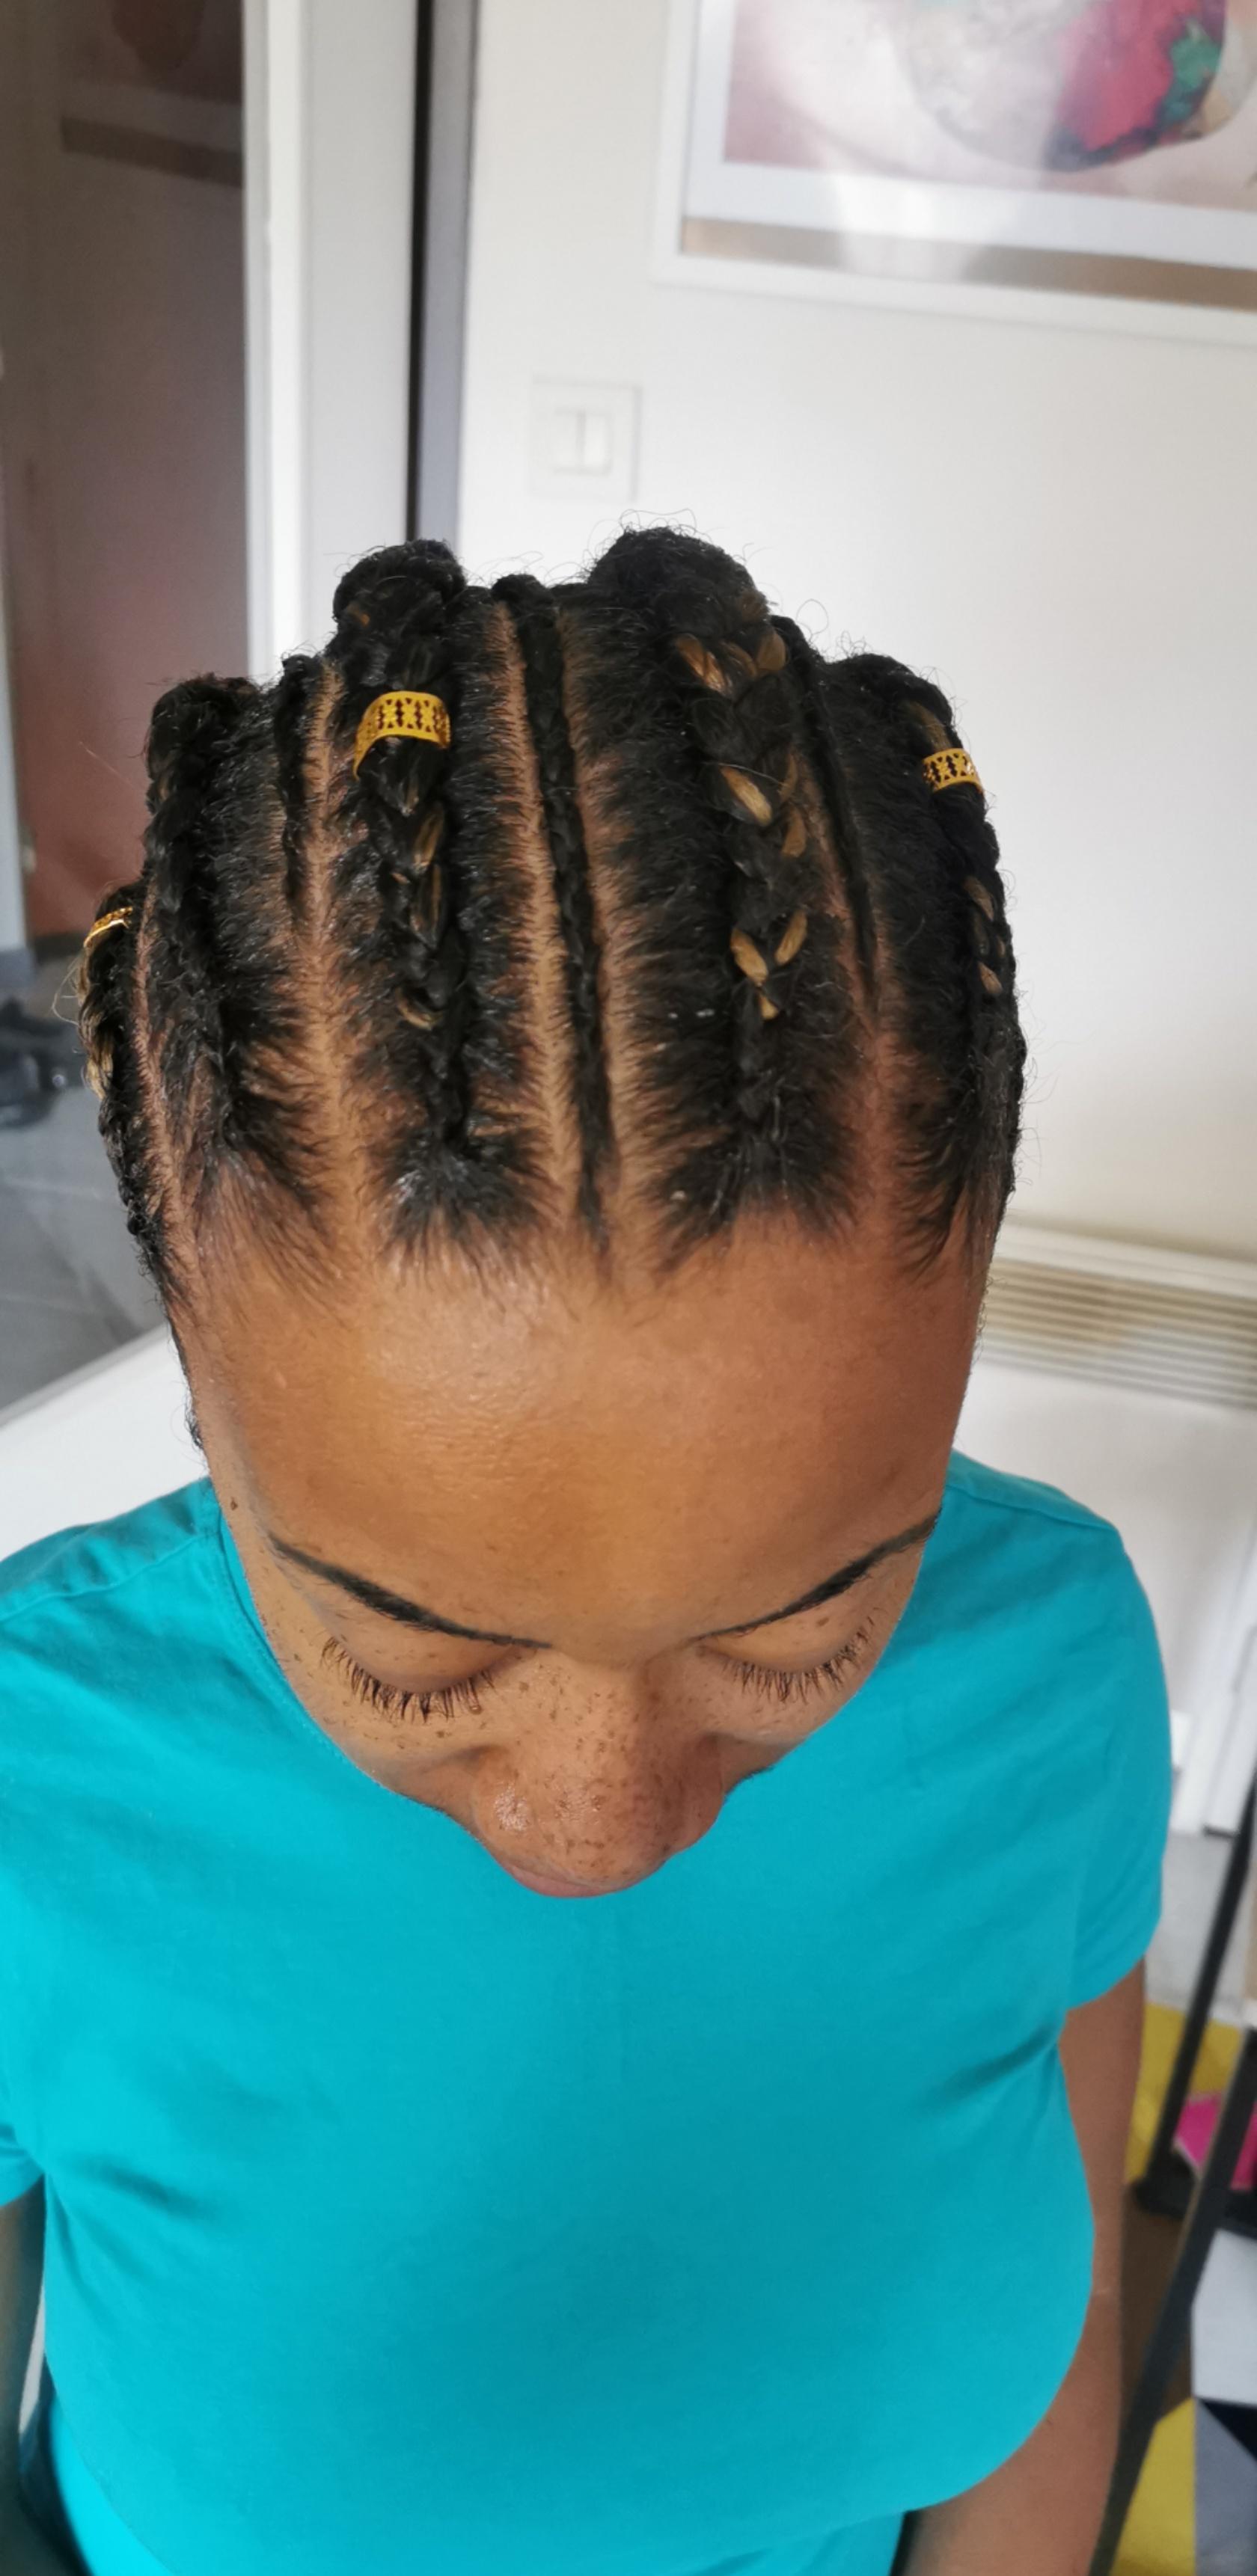 salon de coiffure afro tresse tresses box braids crochet braids vanilles tissages paris 75 77 78 91 92 93 94 95 COPYGSPC